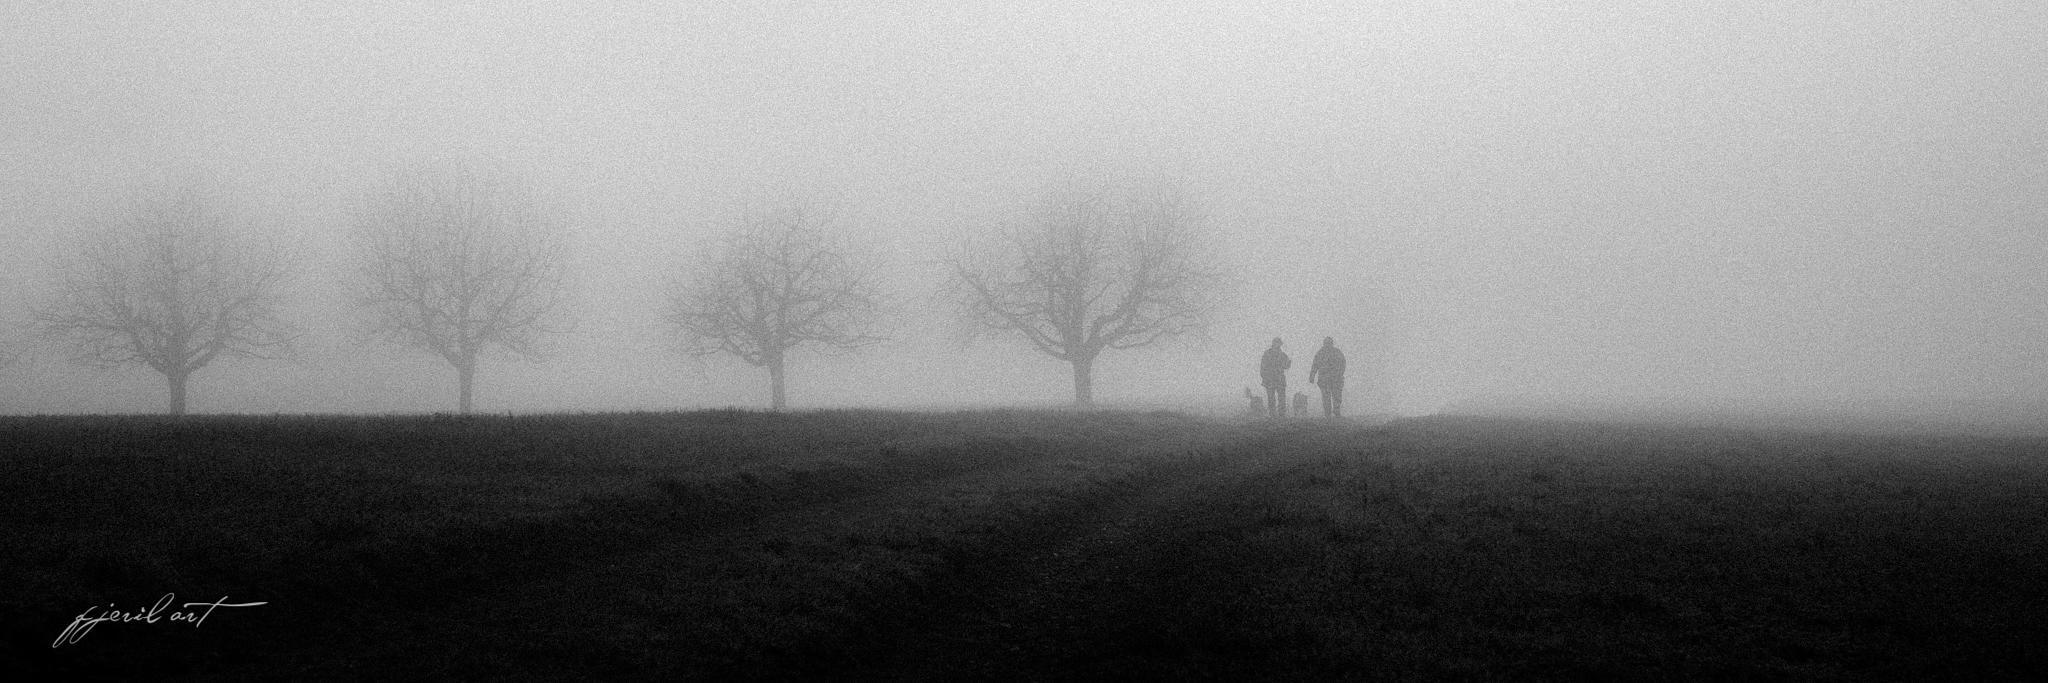 foggy morning II by Matthias Gaberthüel